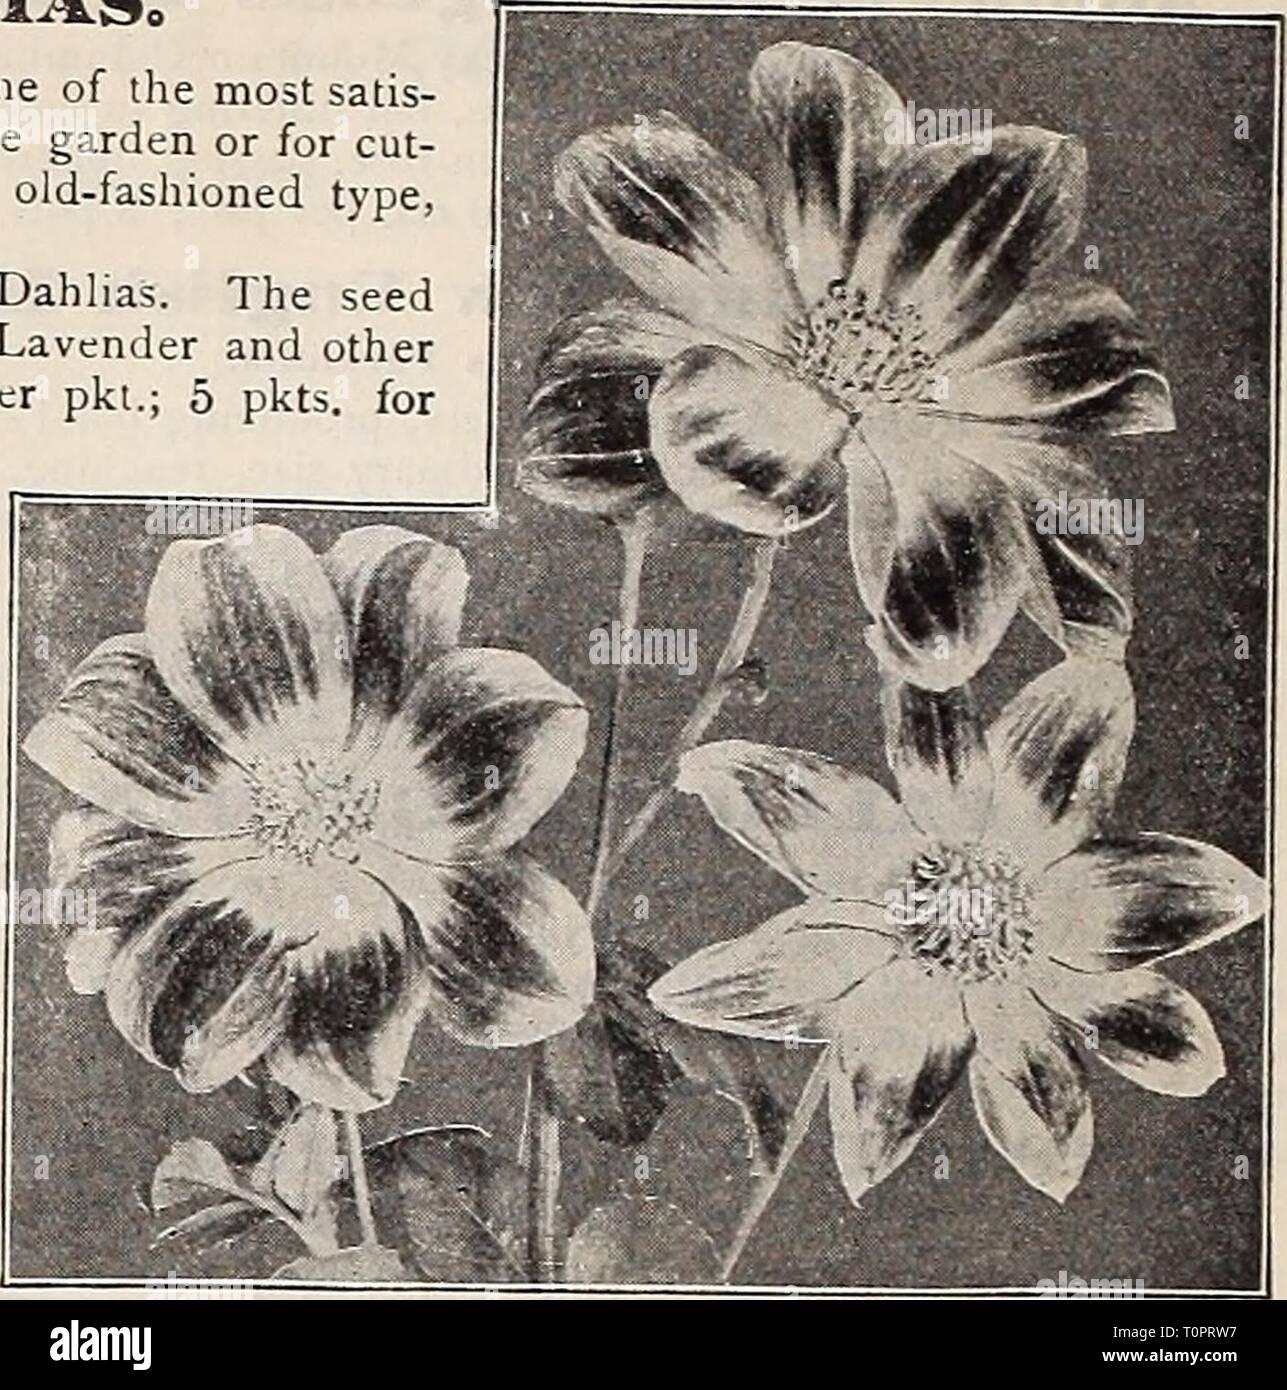 """Dreer's Garten Buch 1906 Dreer's Garten Buch: 1906 dreersgardenbook 1906 henr Jahr: 1906 12 1 l^ """"RrADRE! R4) hl [ADELPHIAMWFiOWFBFFn KnyFiTiF^- iTtn GRAND NEW^ SINGI. E DAHI. IAS 0 Single Dahlien sind eine der einfac. st Sachen vom Samen zum Wachsen und eine der am meisten satis - faclory Spätsommer und Herbst Blumen für die Dekoration des Gartens oder für Cut-ting. Die drei neuen Sorten unten angeboten werden, sind weit im Voraus der altmodischen Art und sollte einen Platz in jedem Garten finden. """"2187 neue Jahrhundert, Das ist die neueste Entwicklung im Einzelnen Dahlien der Samen s lieen hat. ived vom herrlichen Stockbild"""